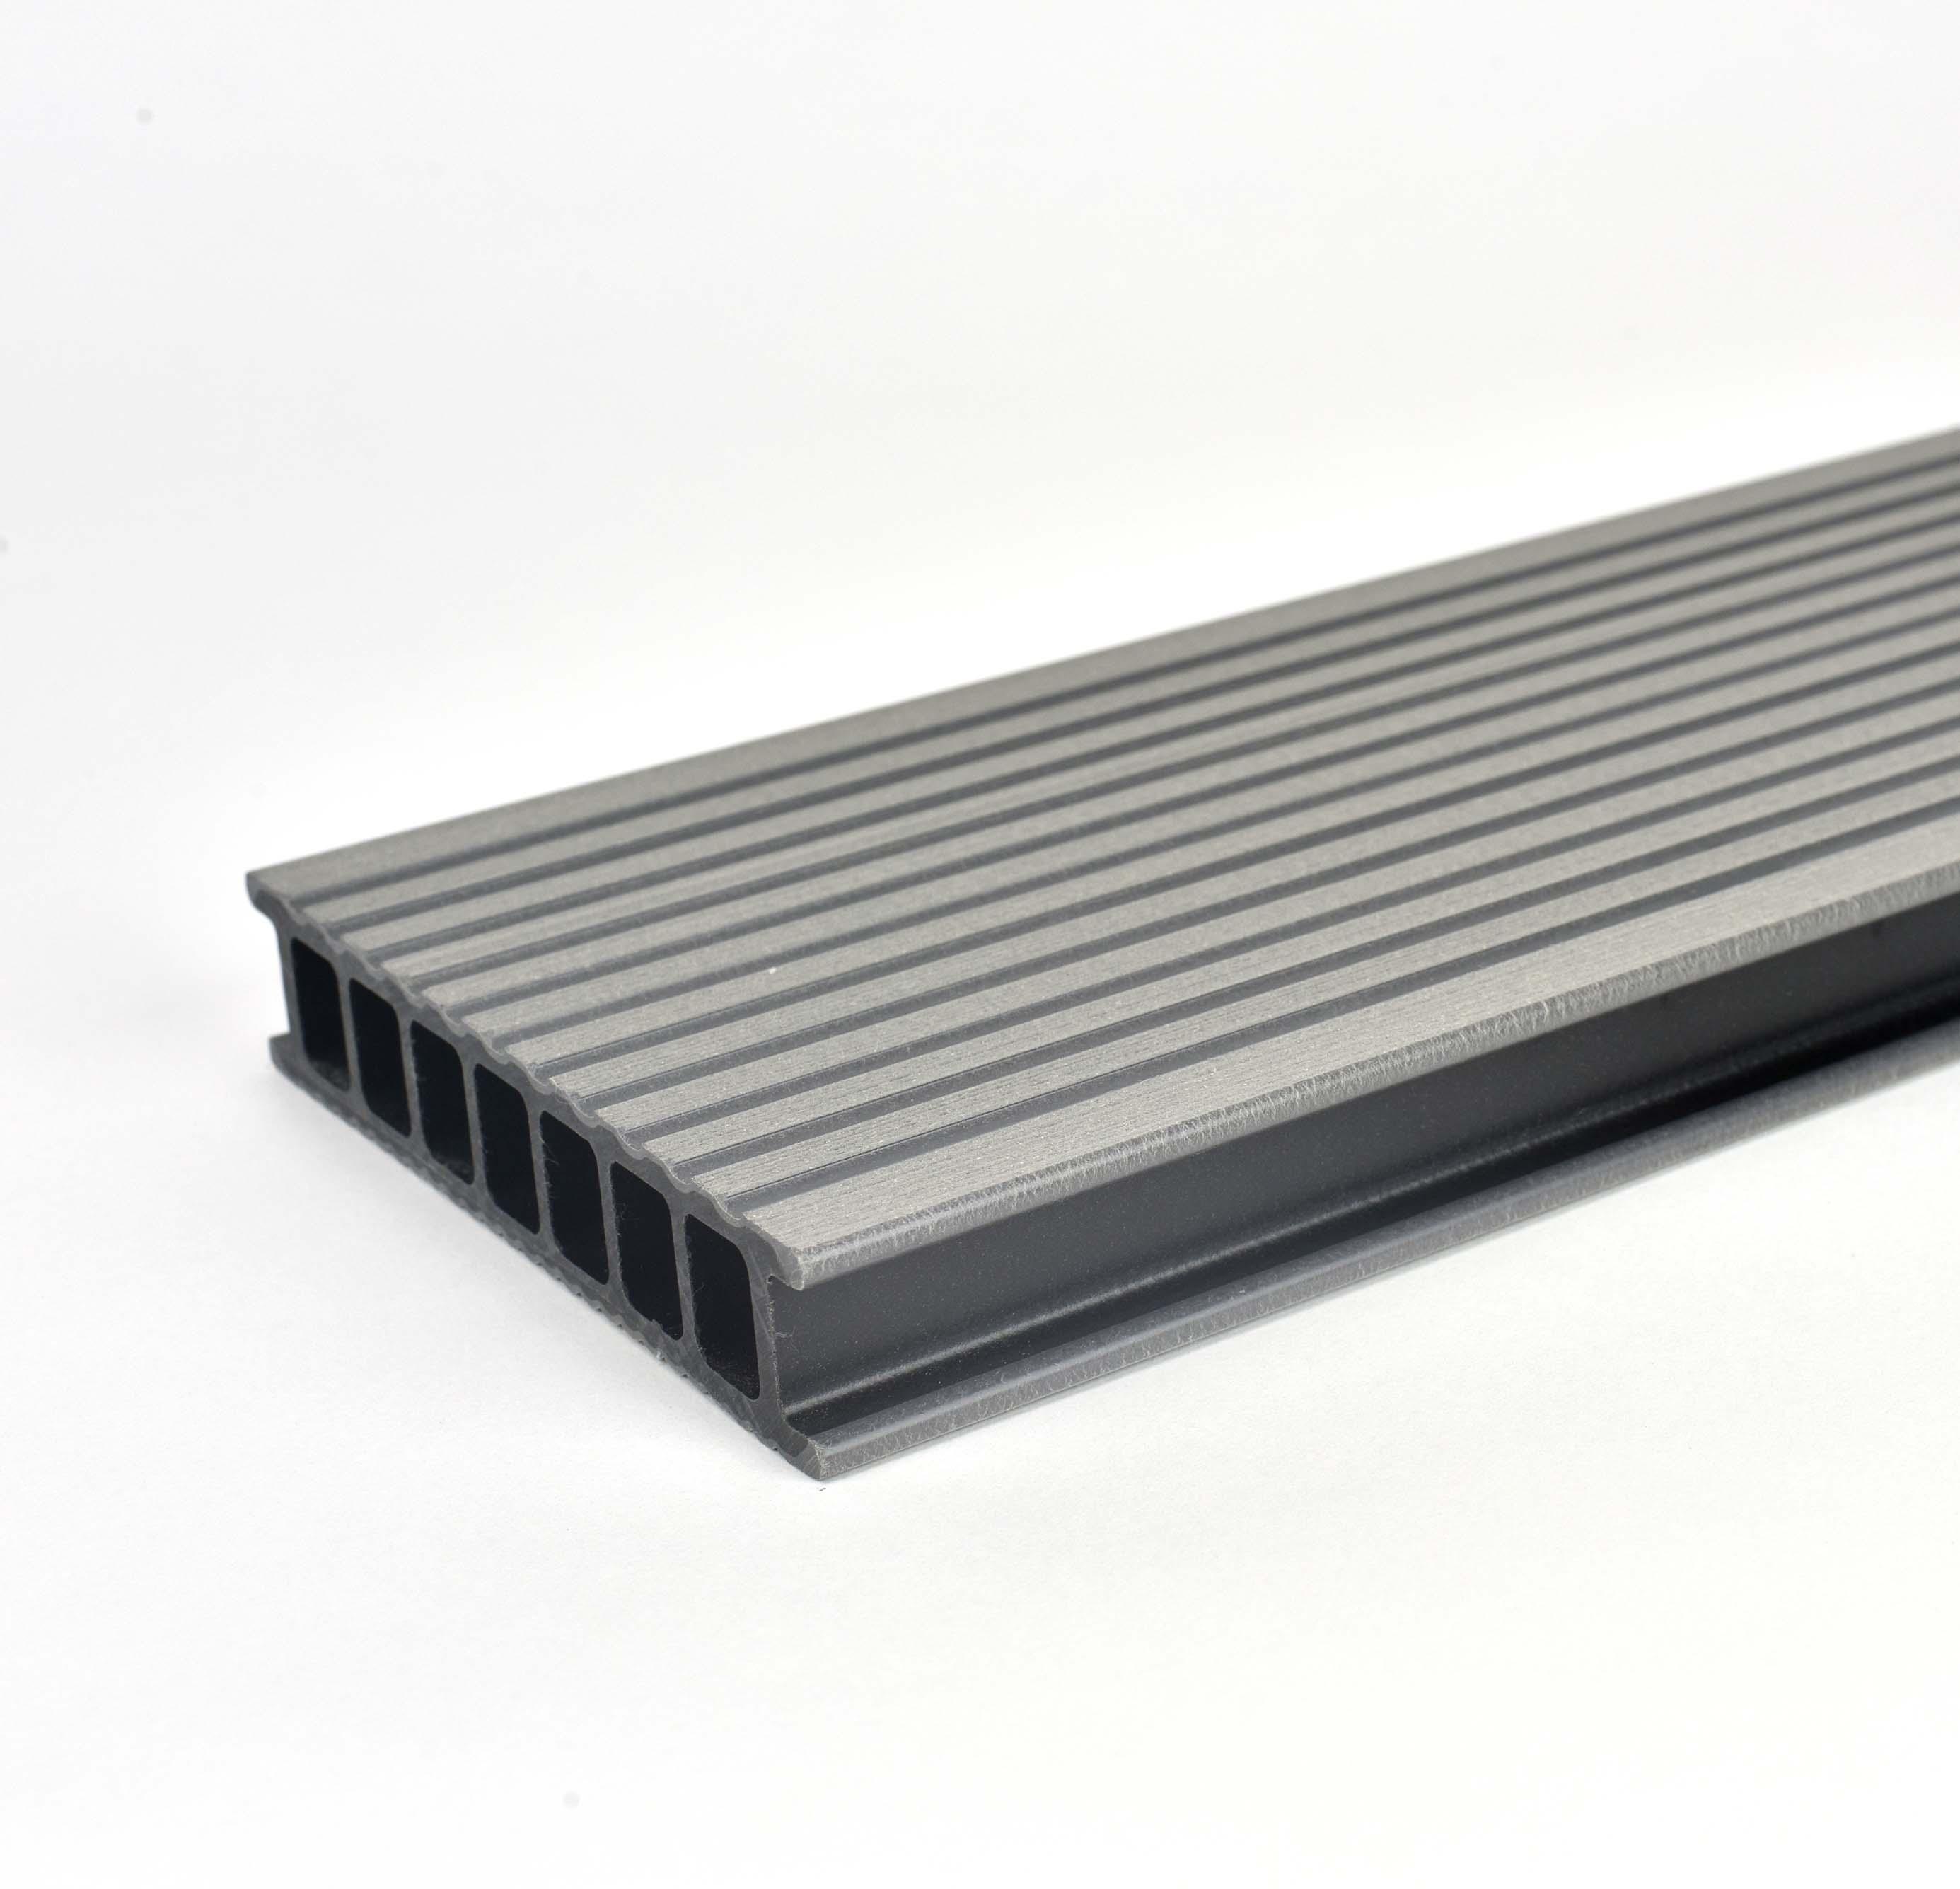 Dřevoplastová deska Twinson Terrace 140x28mm (4m) kámen